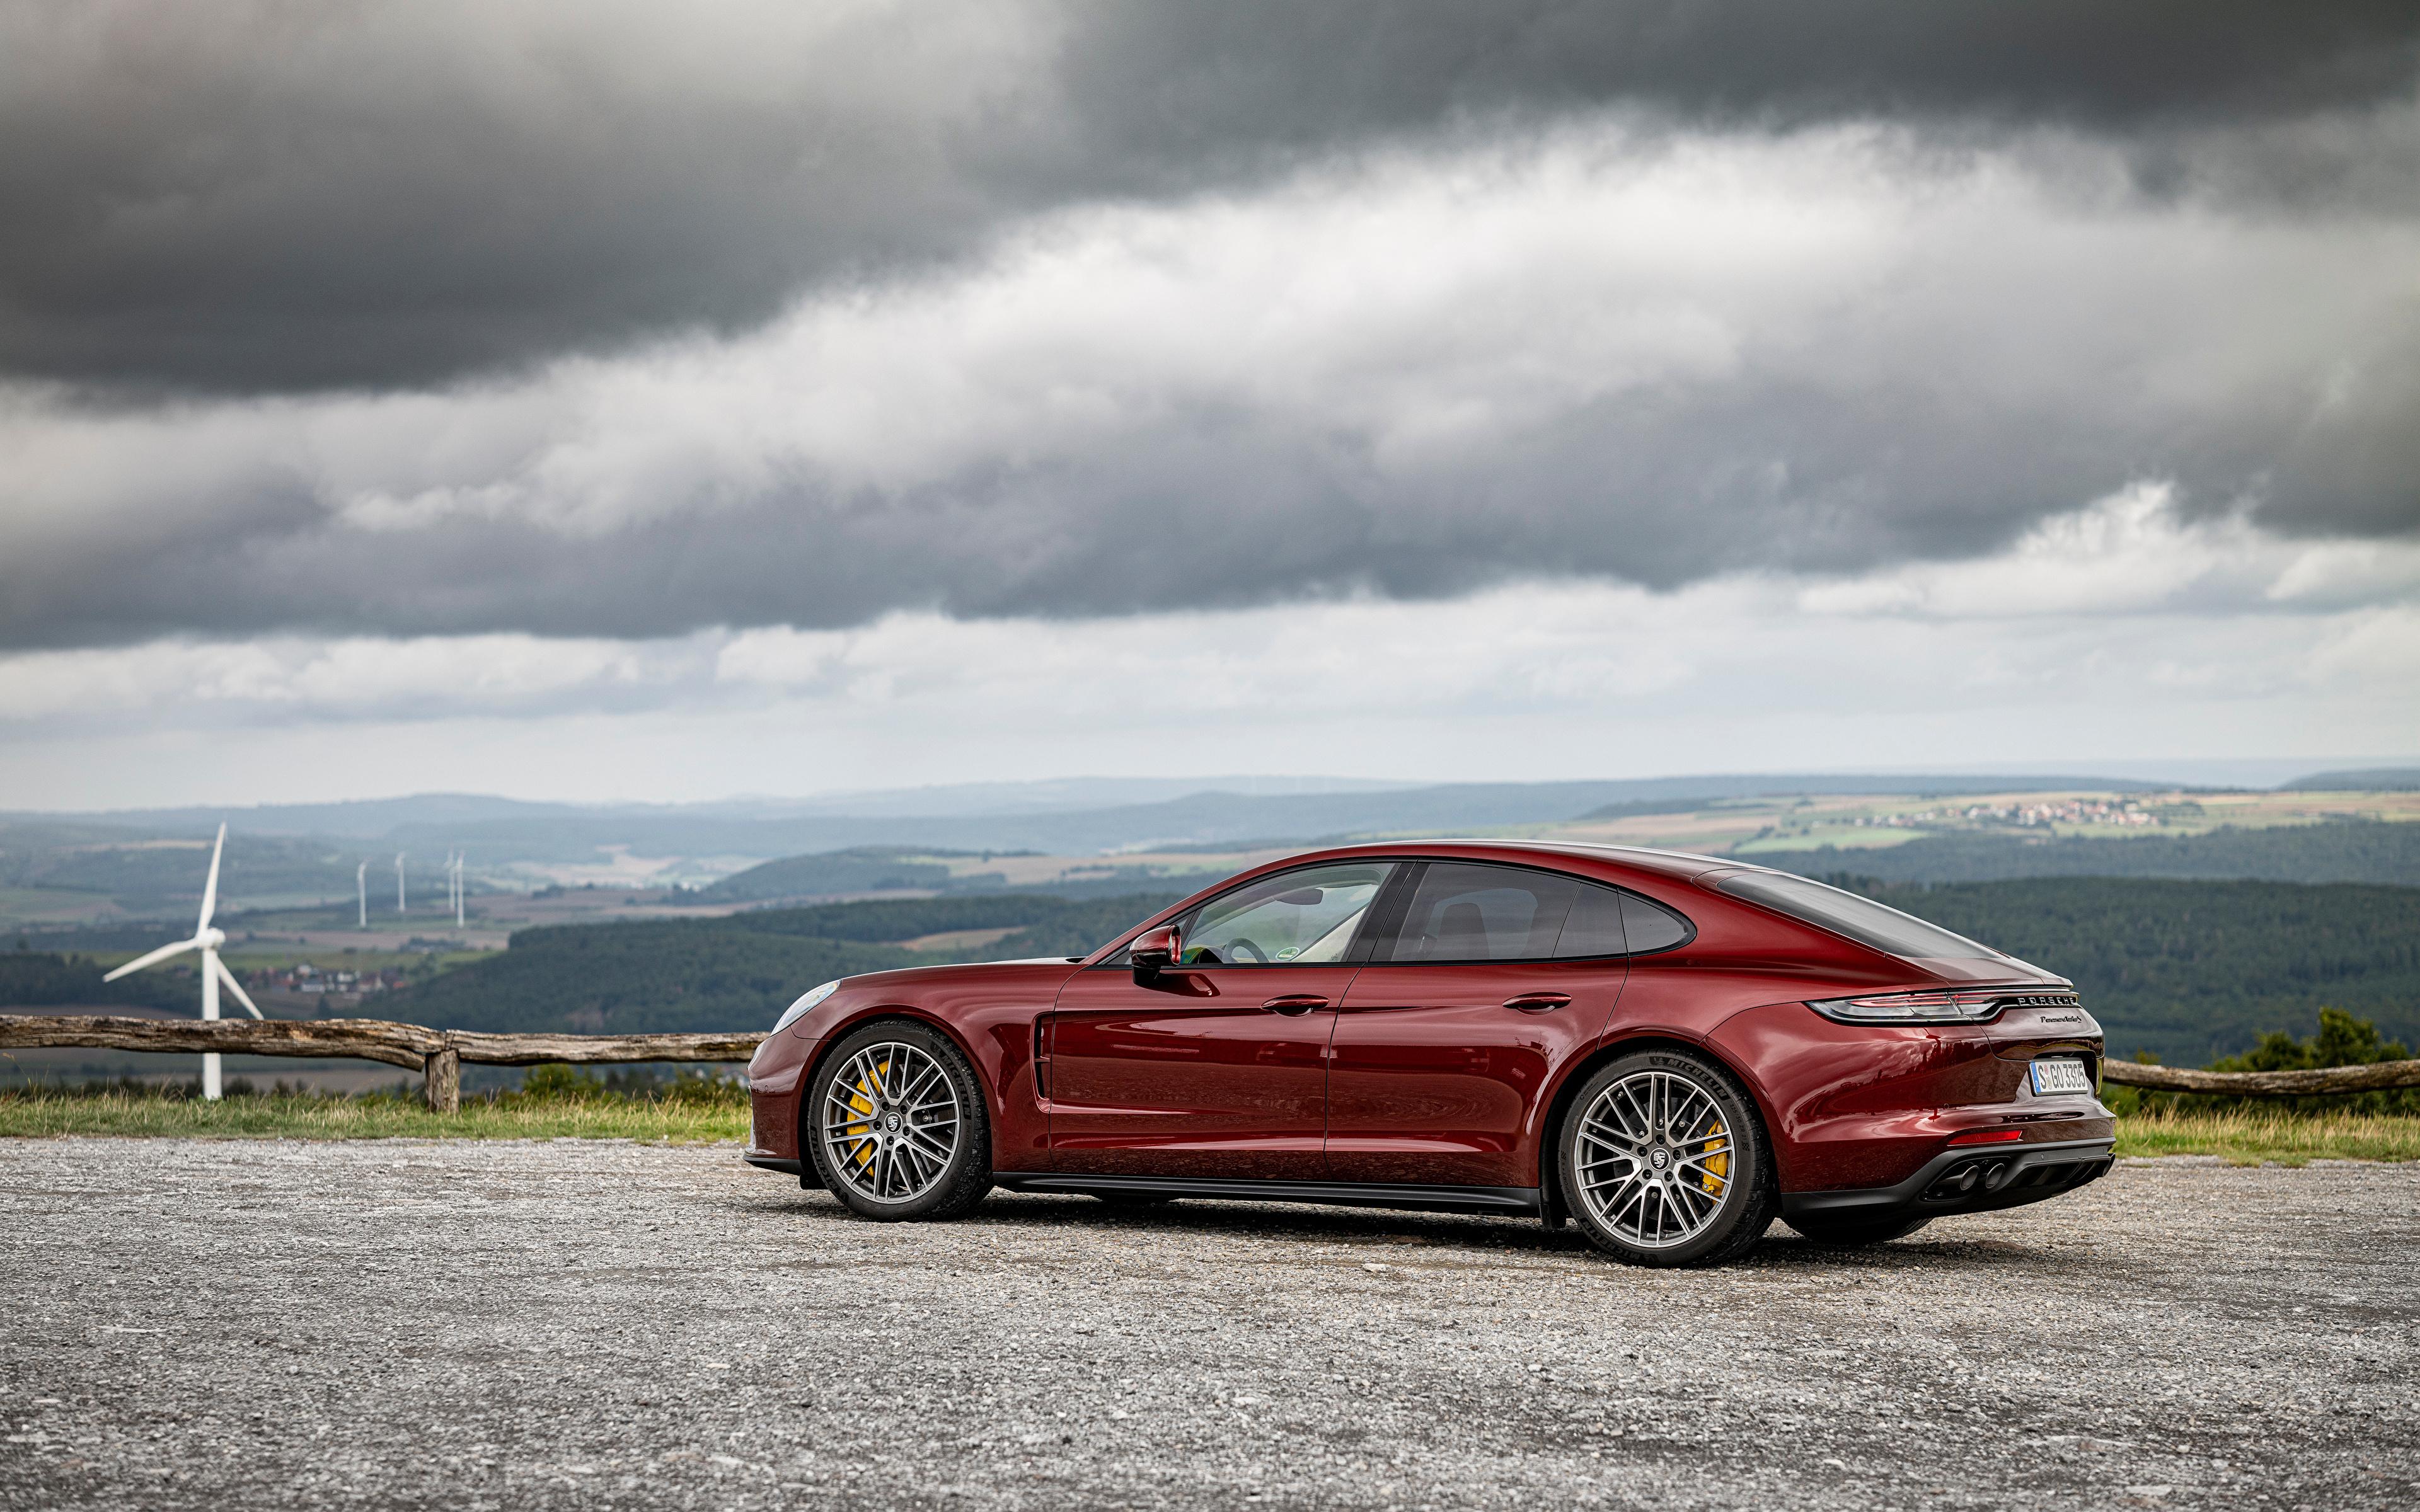 Картинки Порше Panamera Turbo S, (971), 2020 бордовые Металлик автомобиль 3840x2400 Porsche бордовая Бордовый темно красный авто машины машина Автомобили